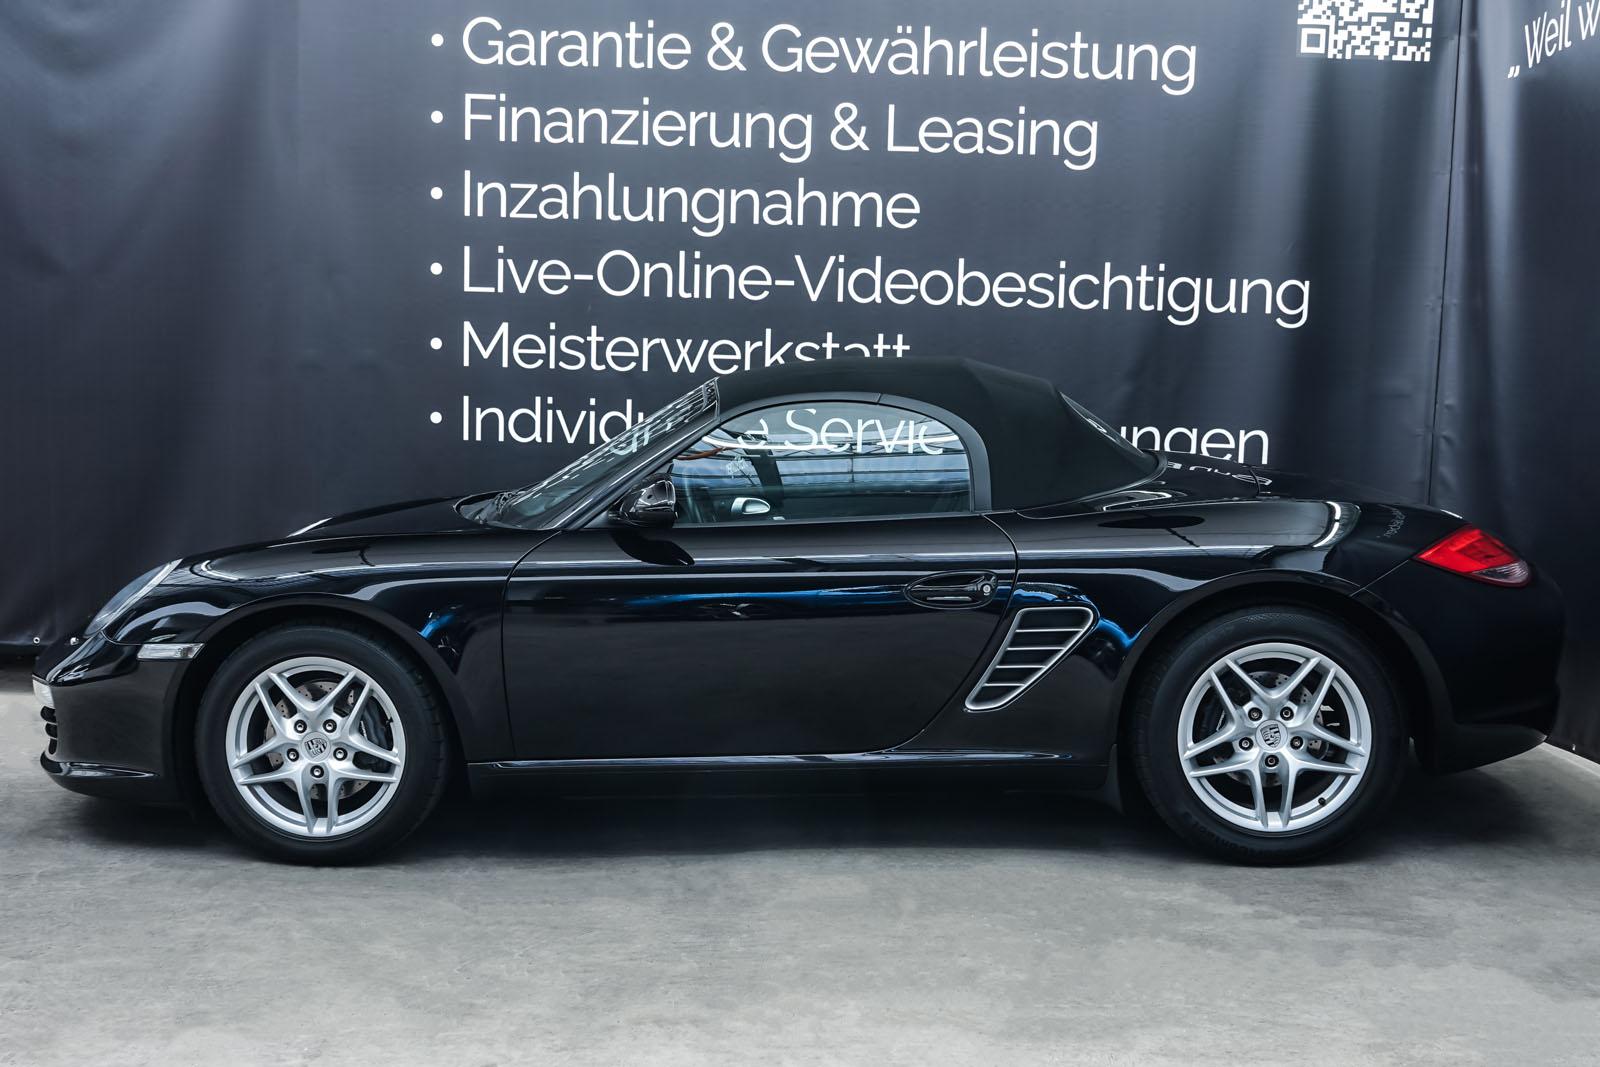 Porsche_Boxster_Schwarz_Schwarz_POR-0927_5_w